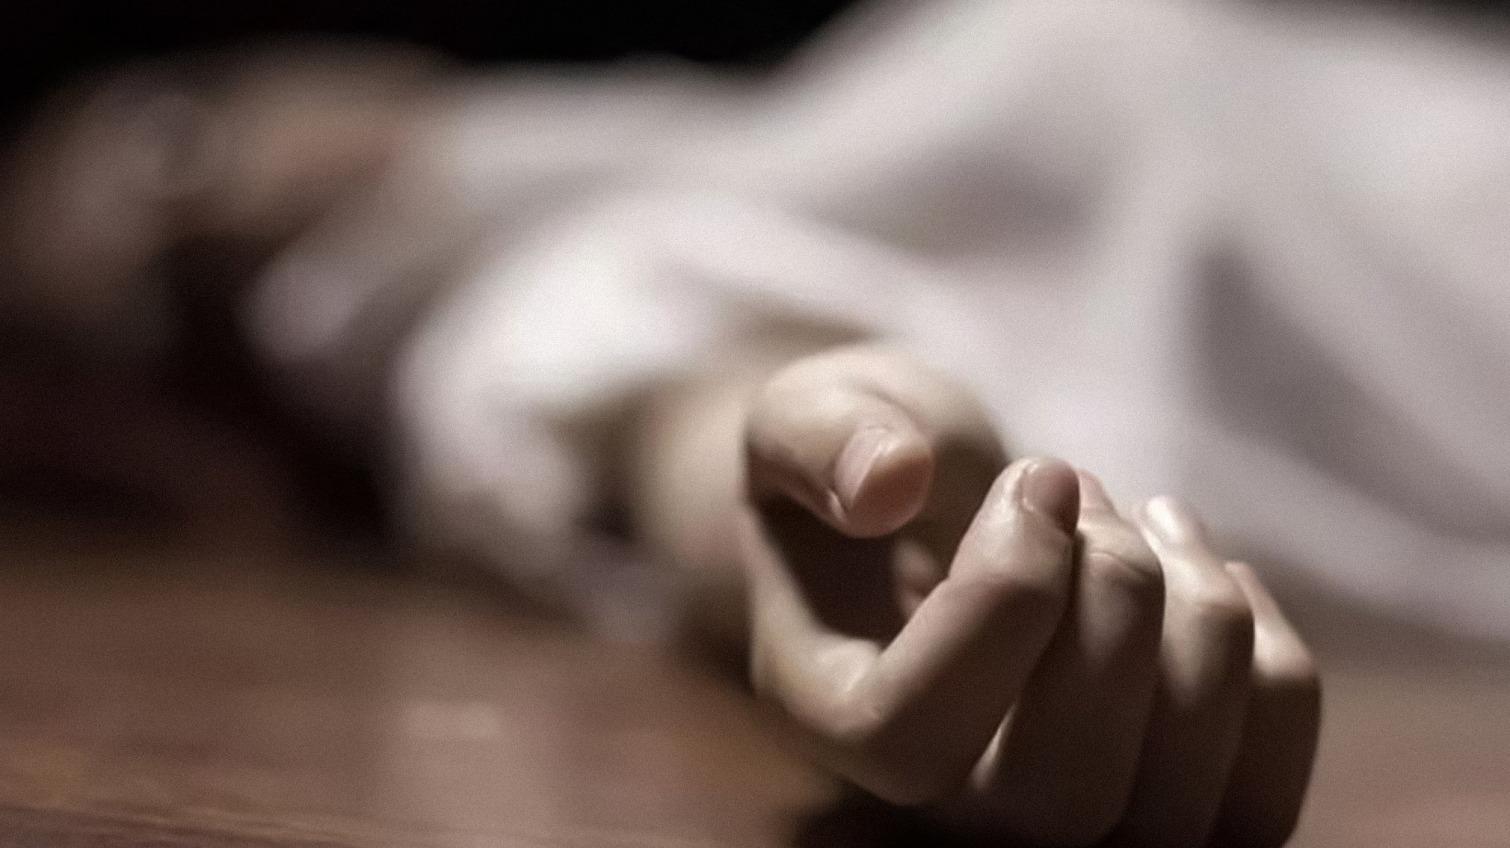 Тело в тоннеле: в Одессе задержали троих подозреваемых в жестоком убийстве «фото»